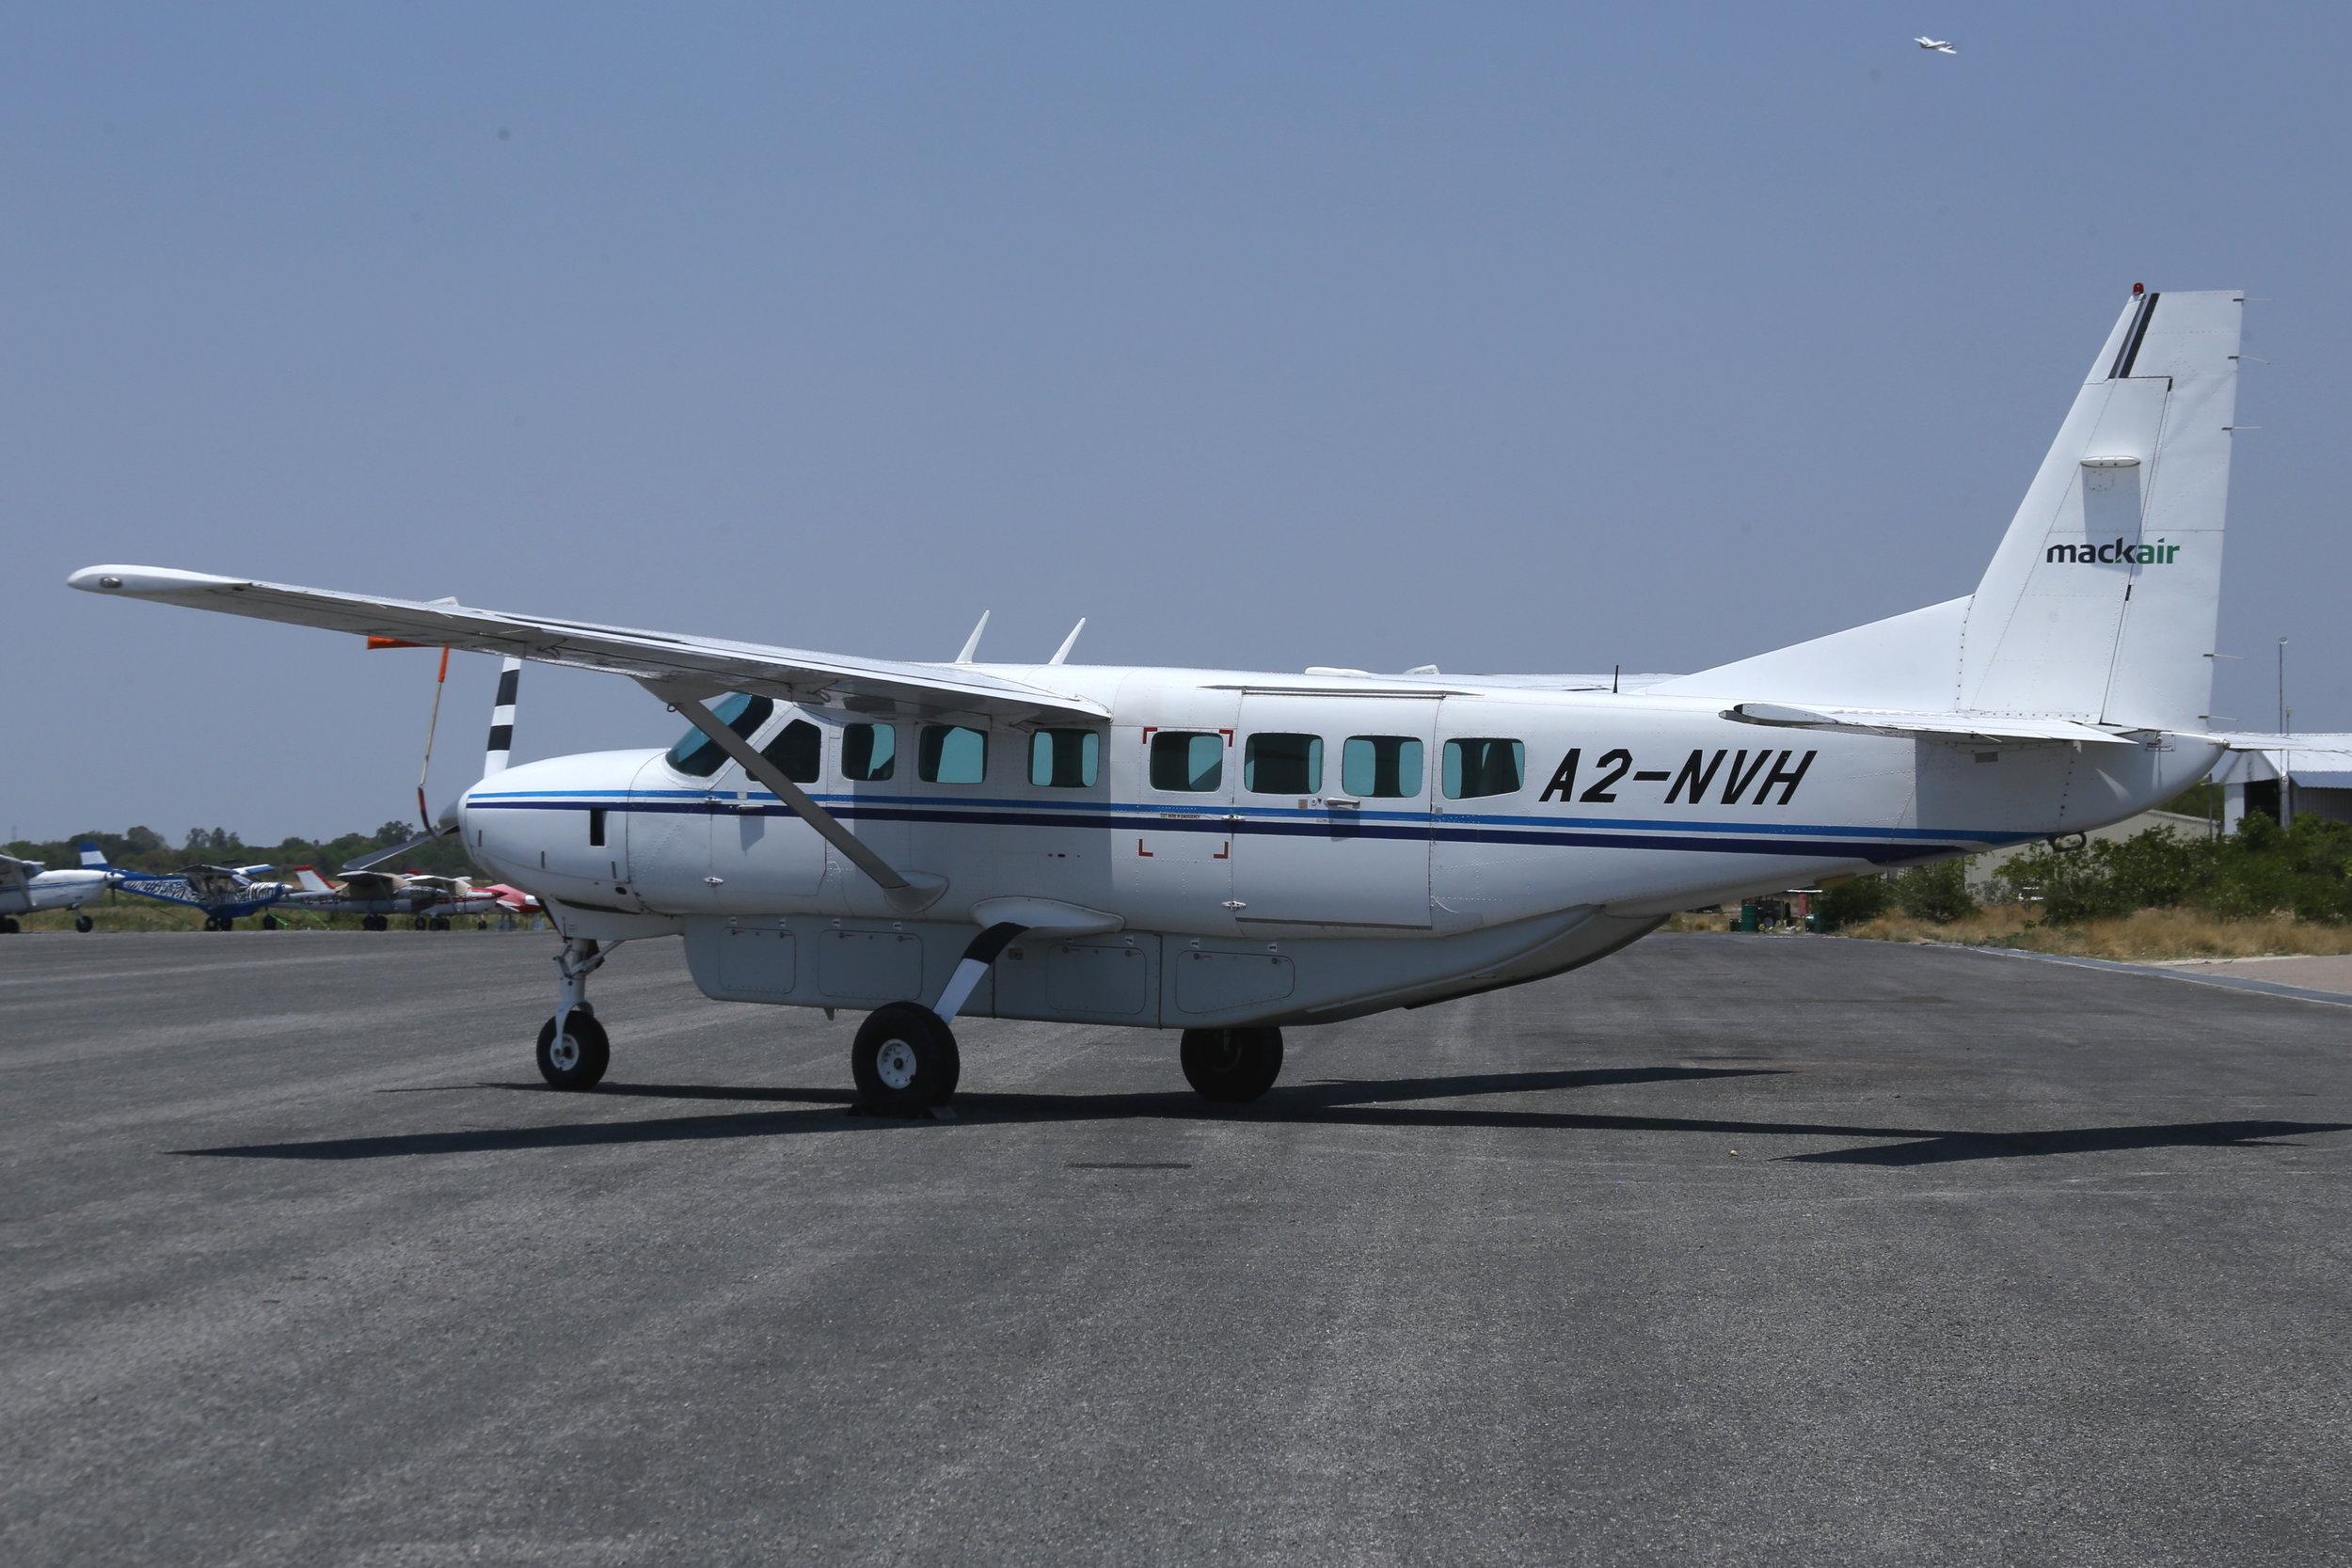 A2-NVH Mackair C208 taken at Maun, Botswana 15th November 2018 by John Wood